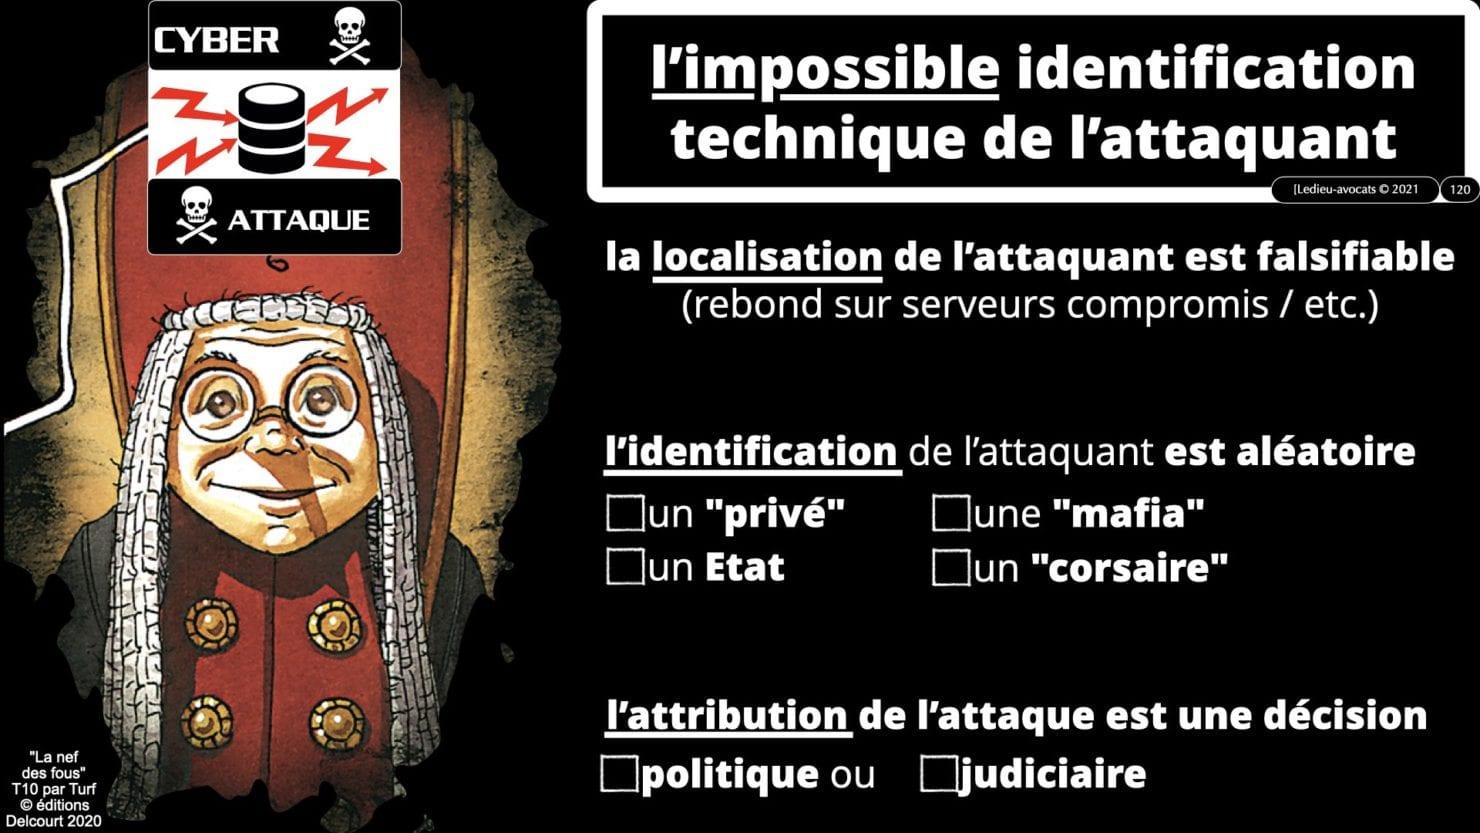 333 CYBER ATTAQUE responsabilité pénale civile contrat © Ledieu-Avocats 23-05-2021.120